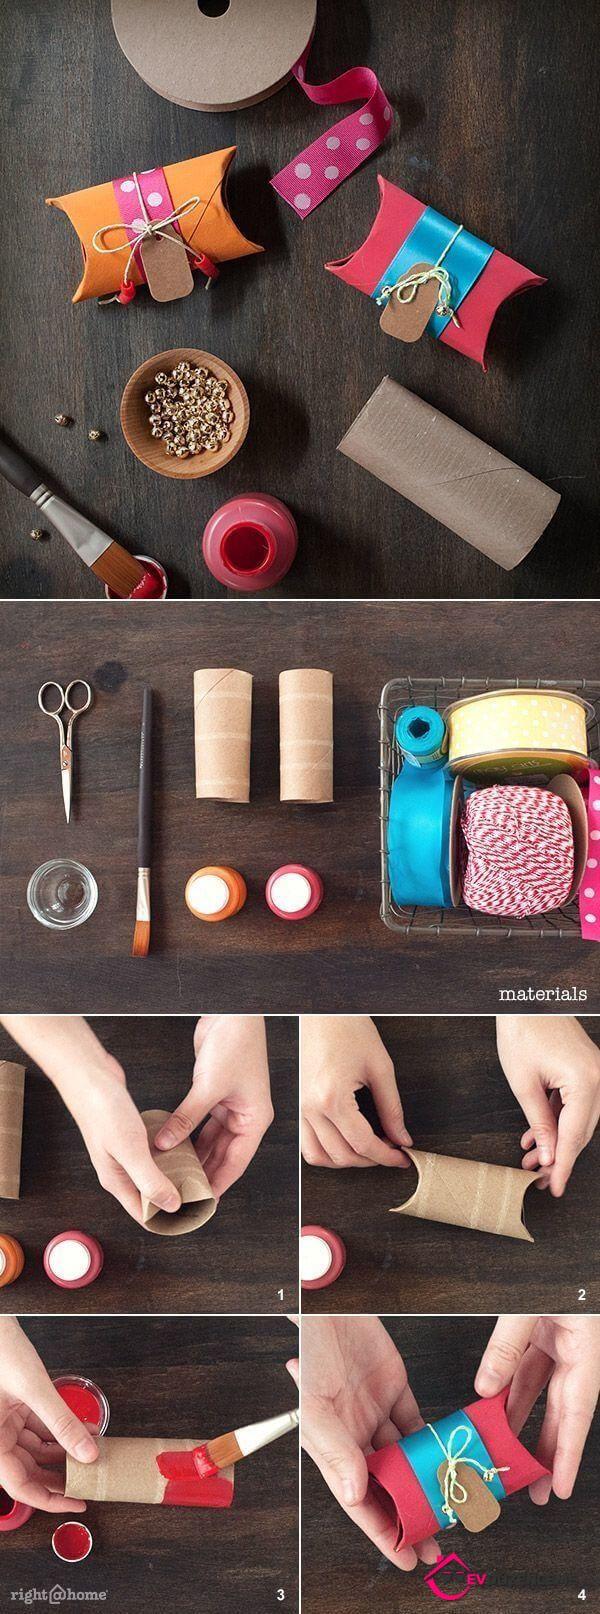 Tuvalet Kağıdı Ruloları Kullanarak Yapabileceğiniz 22 Tasarım